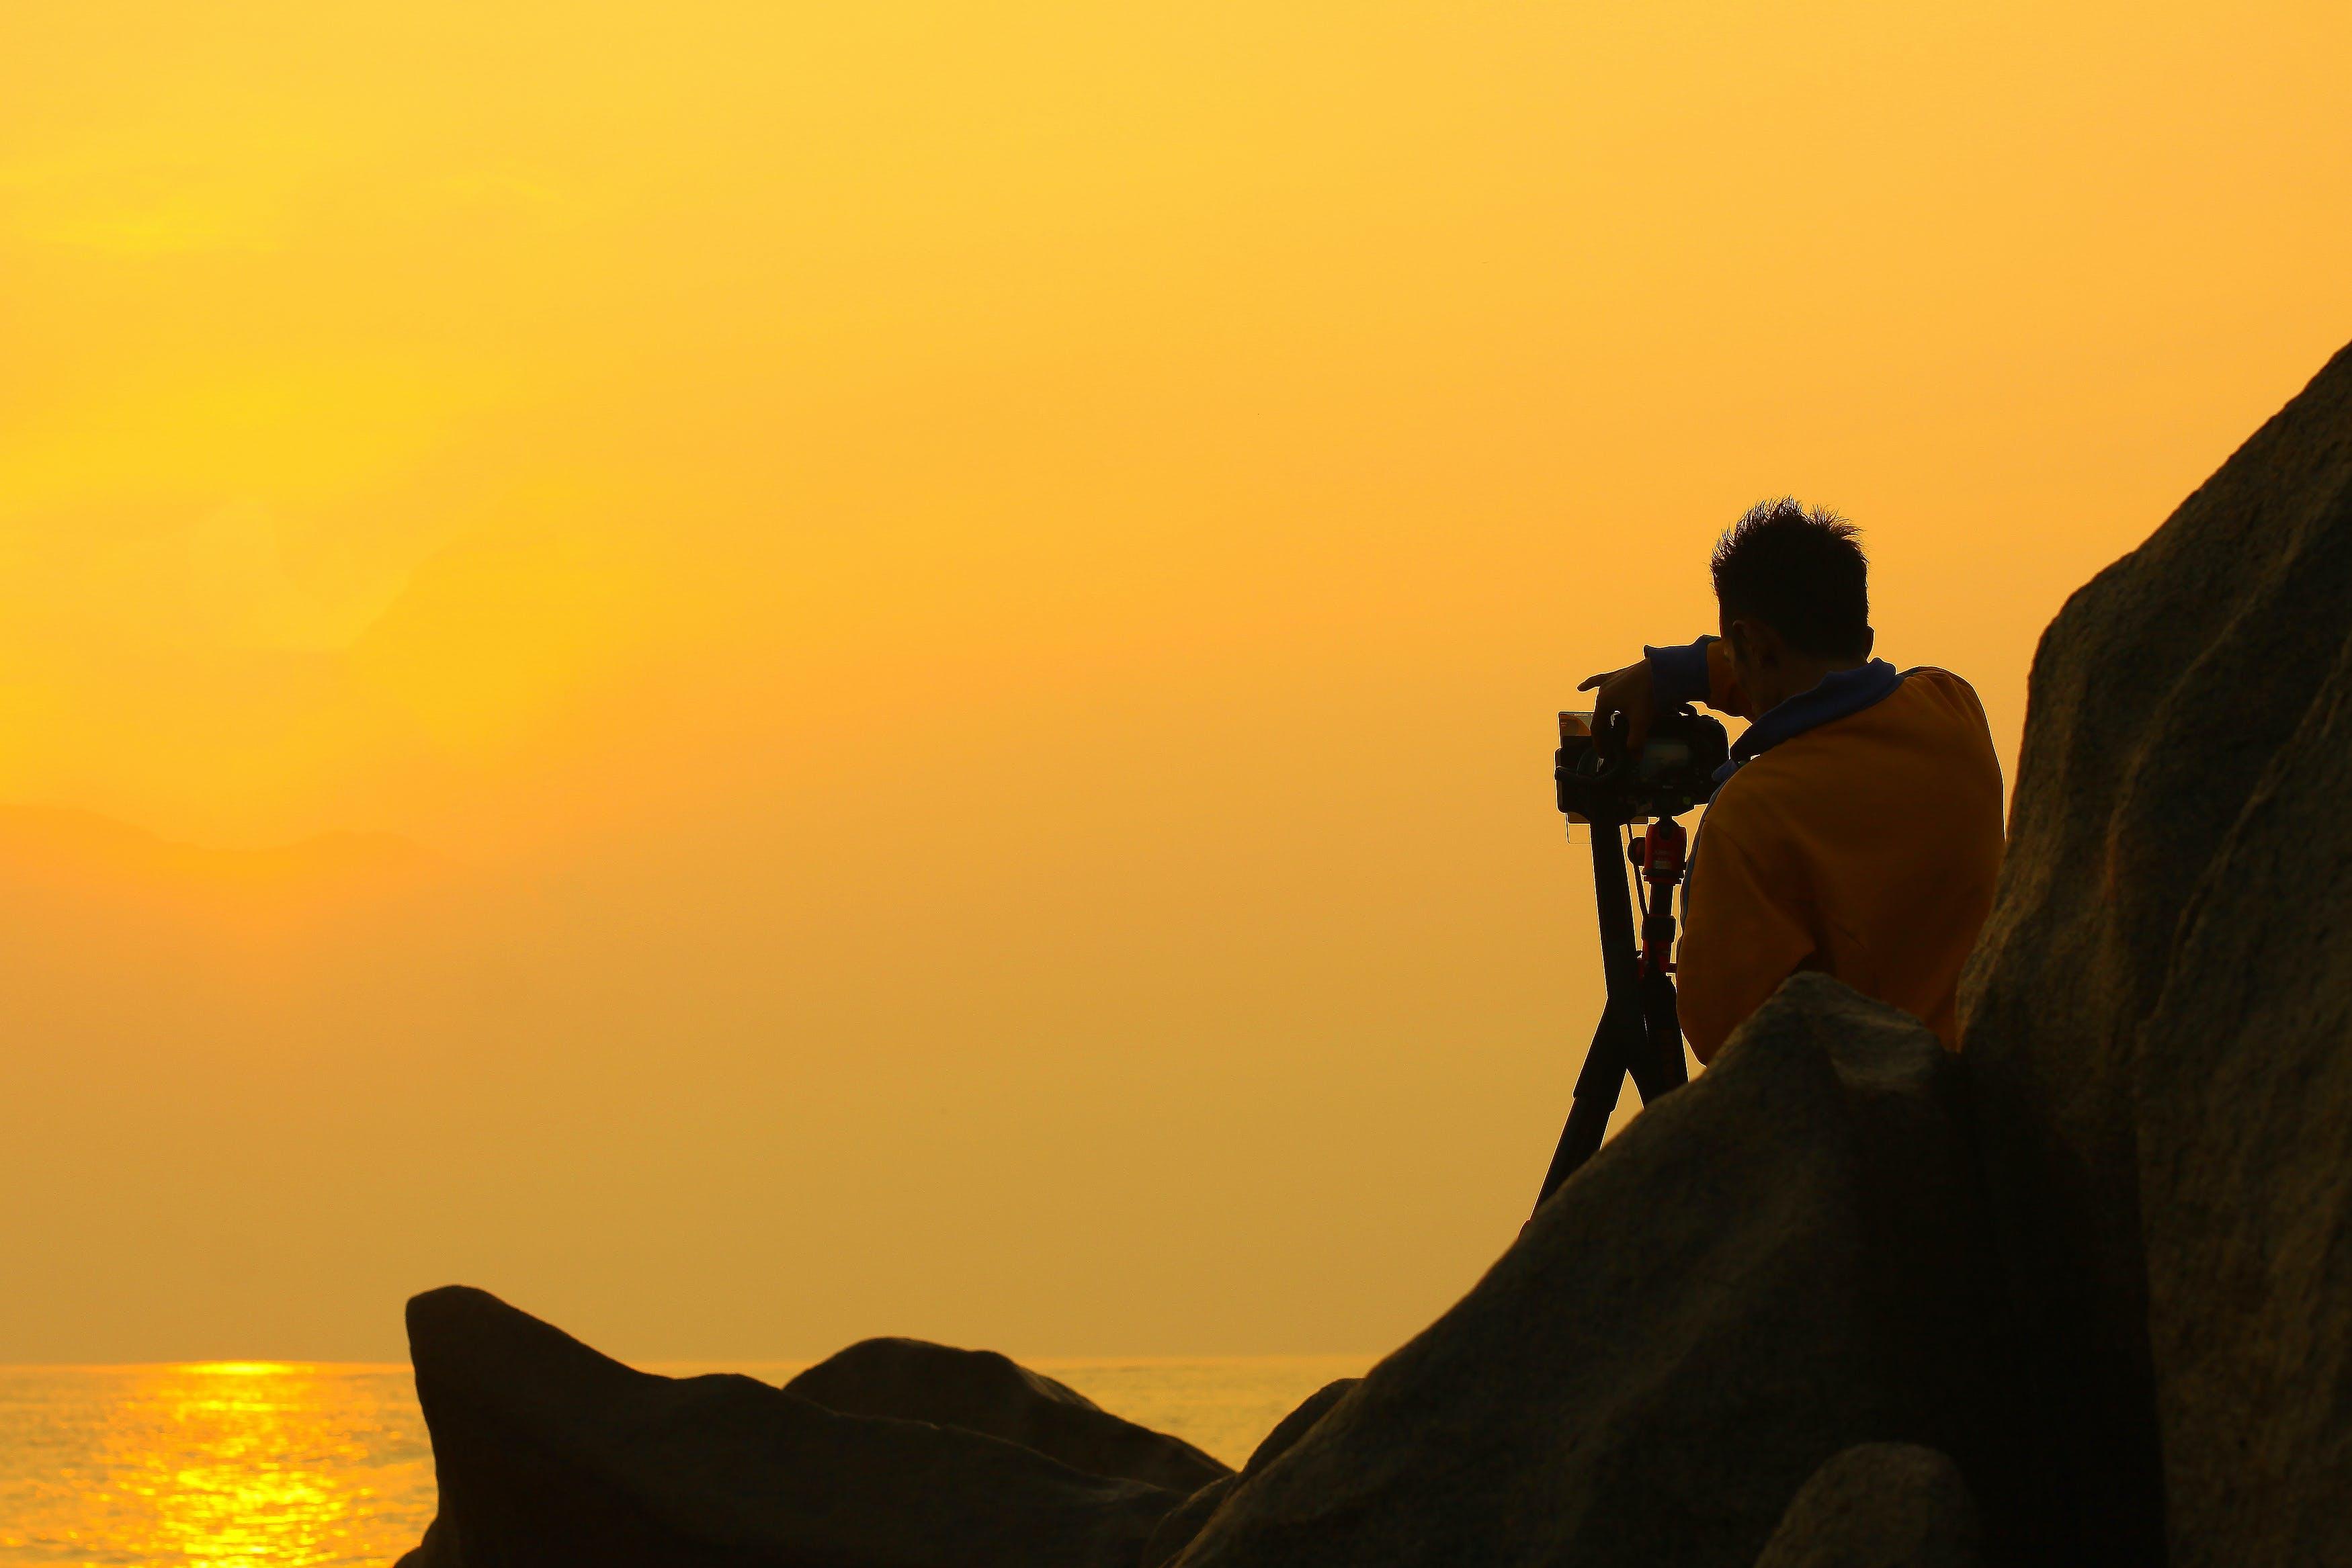 Δωρεάν στοκ φωτογραφιών με ακτίνα ήλιου, Ανατολή ηλίου, αναψυχή, άνδρας